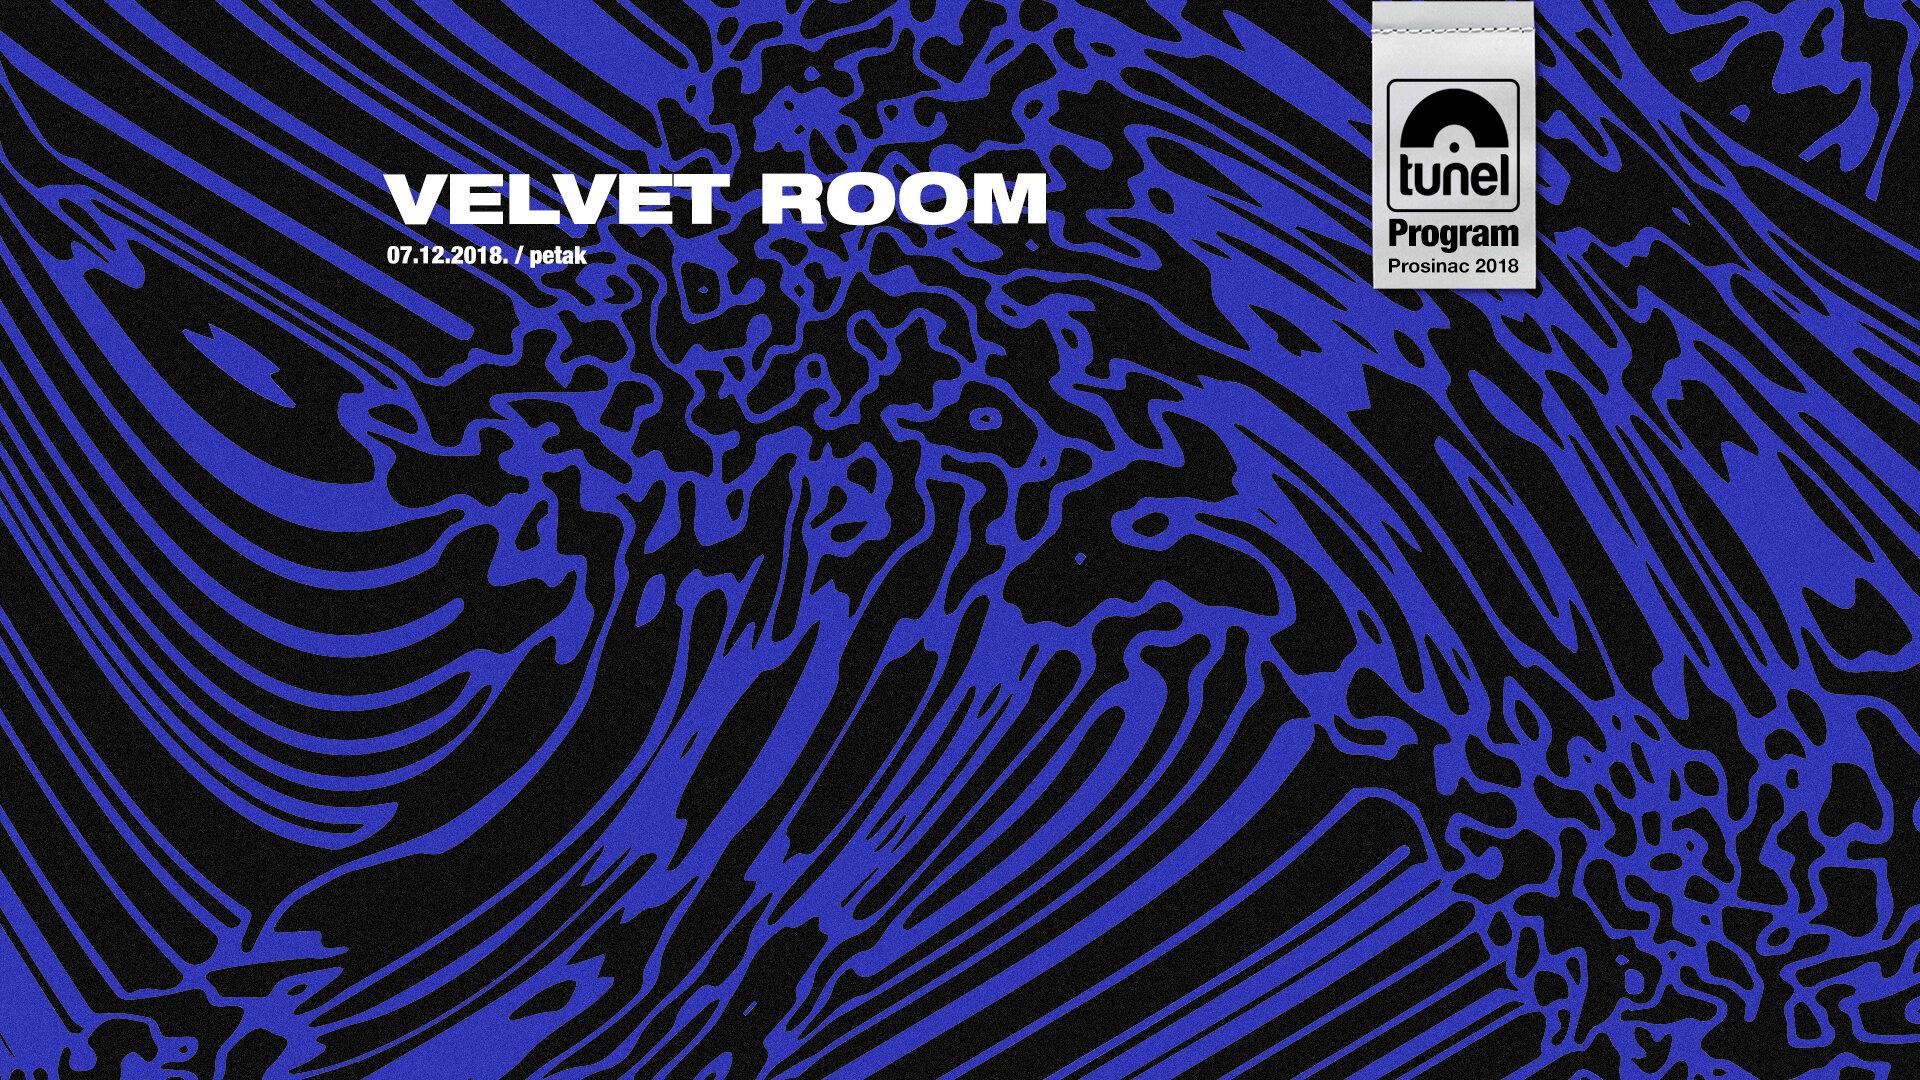 tunel-velvet-room2.jpg